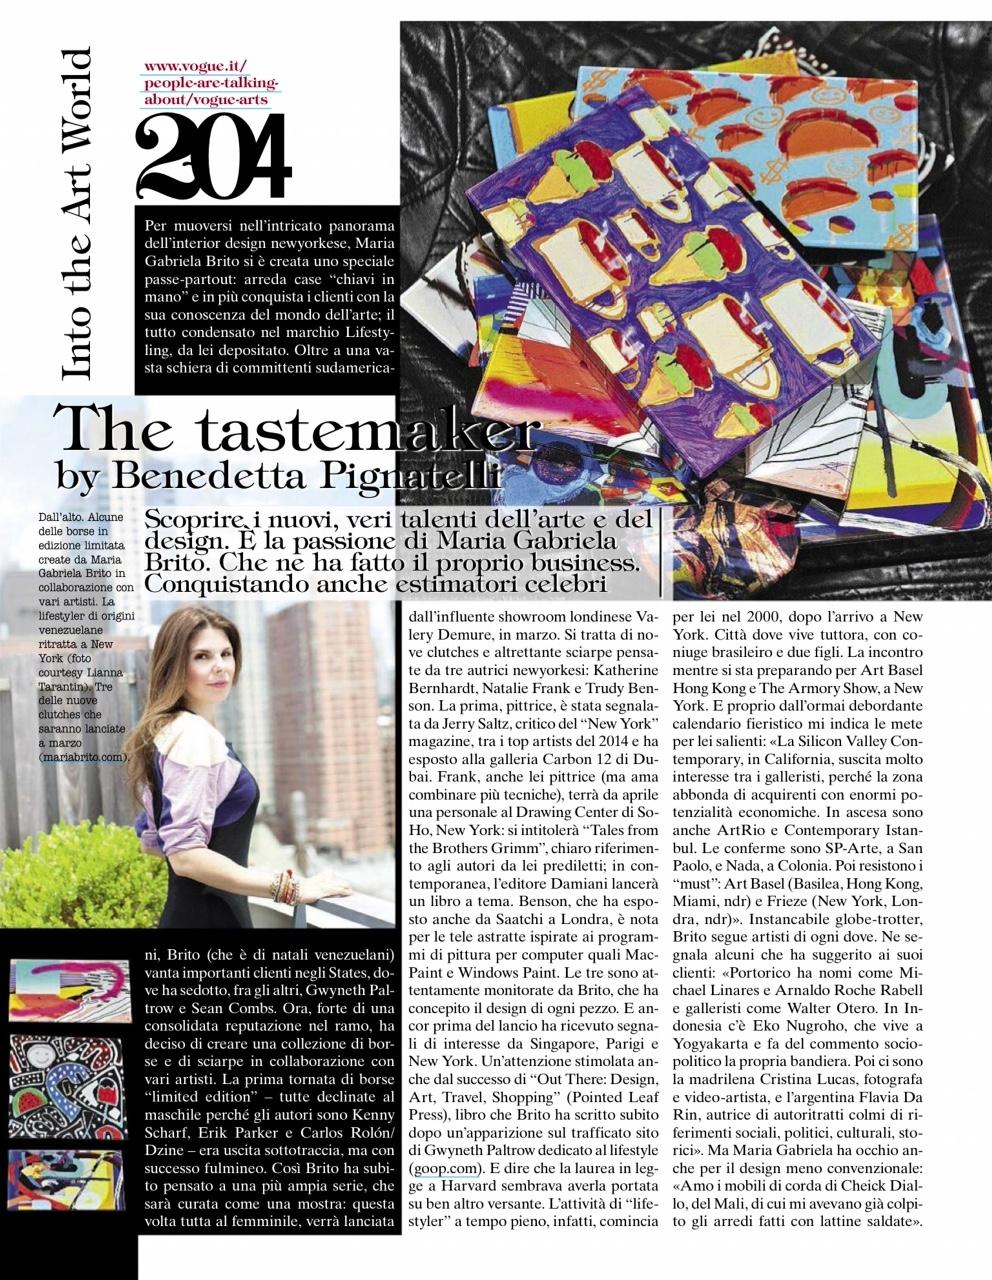 Vogue-Italia-Article.jpg